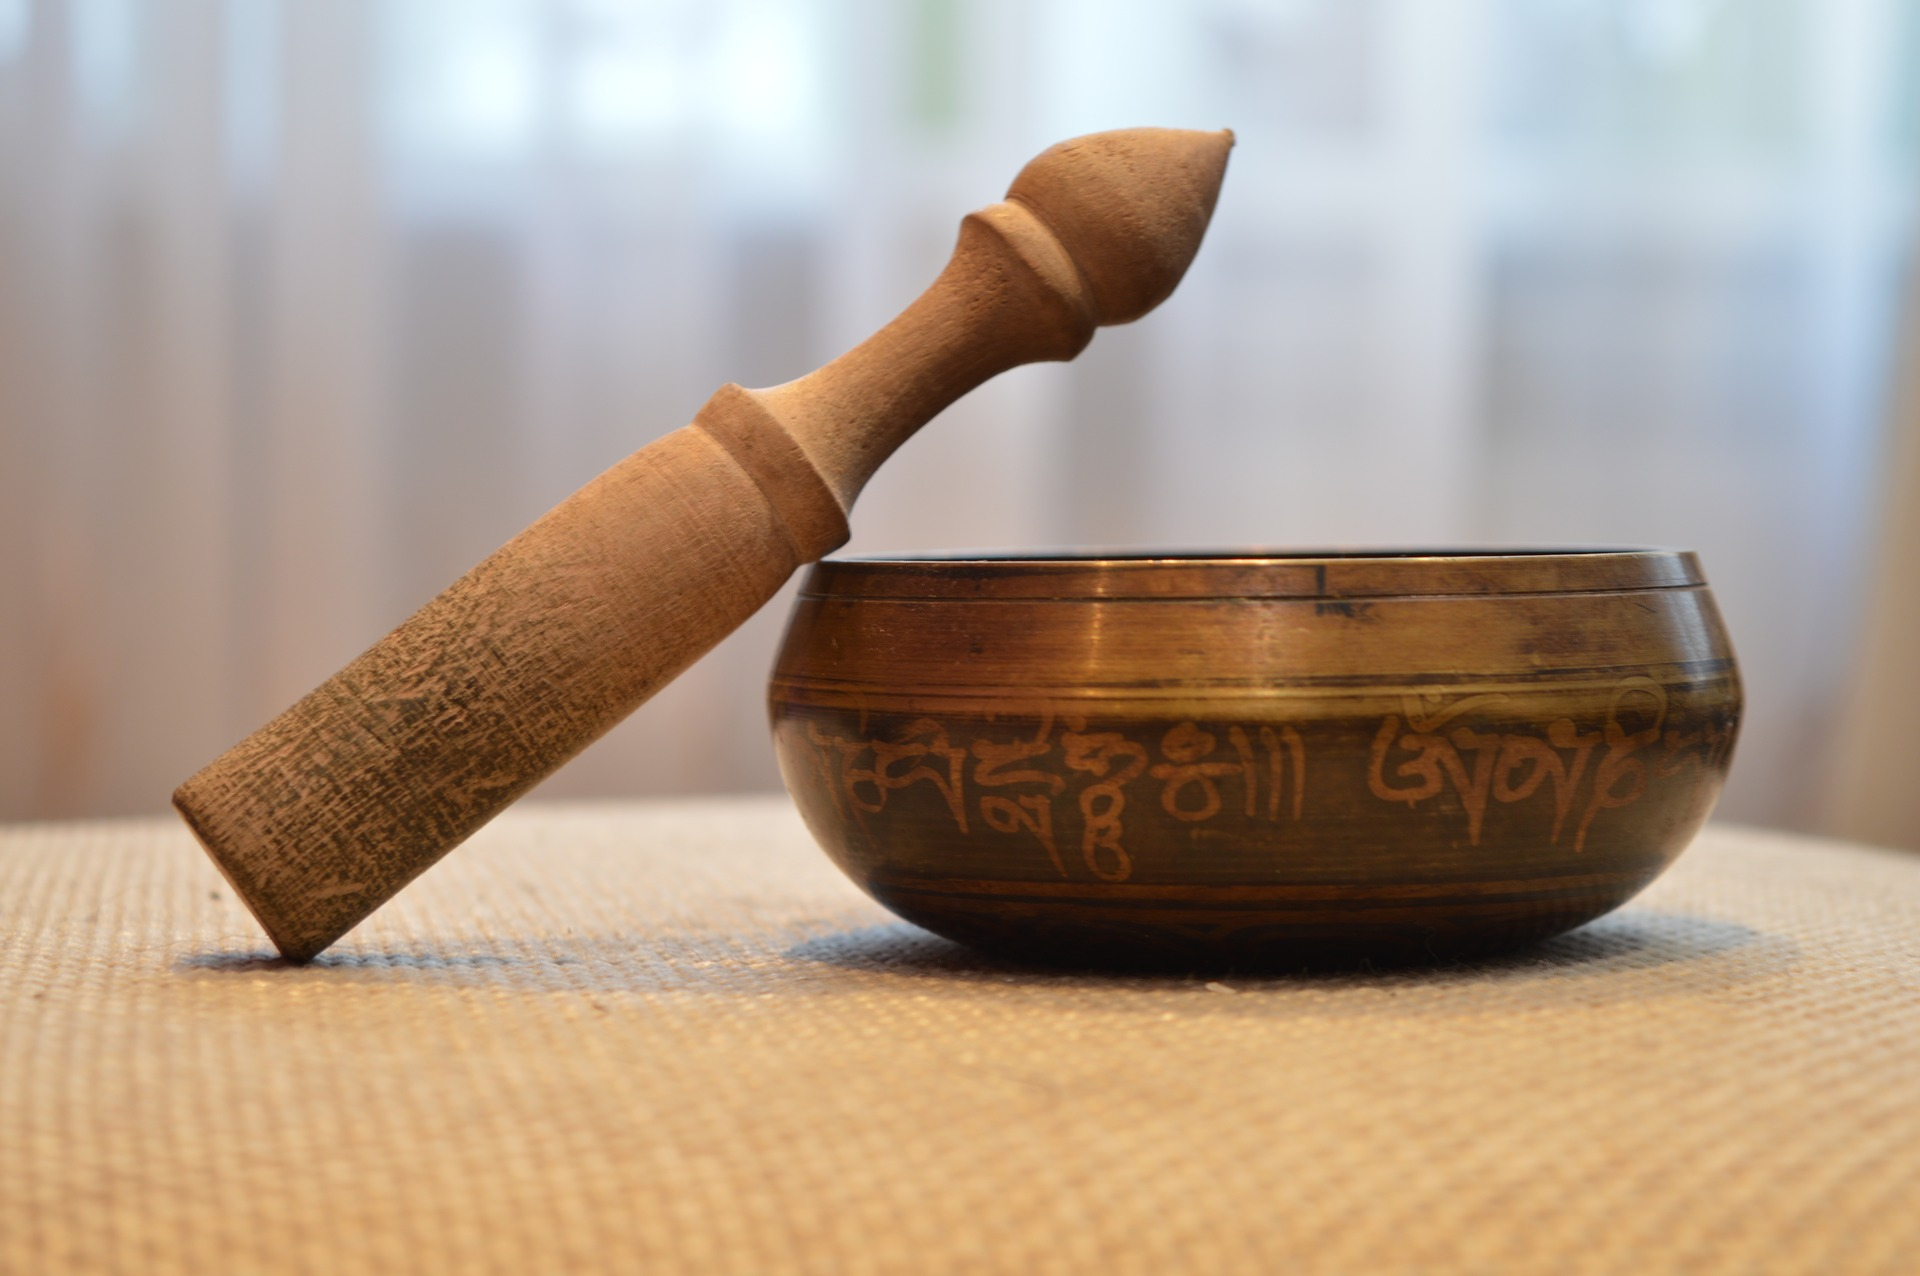 Seminarfestival: Eintauchen in Meditation, Gesang, Taketina und Kunst